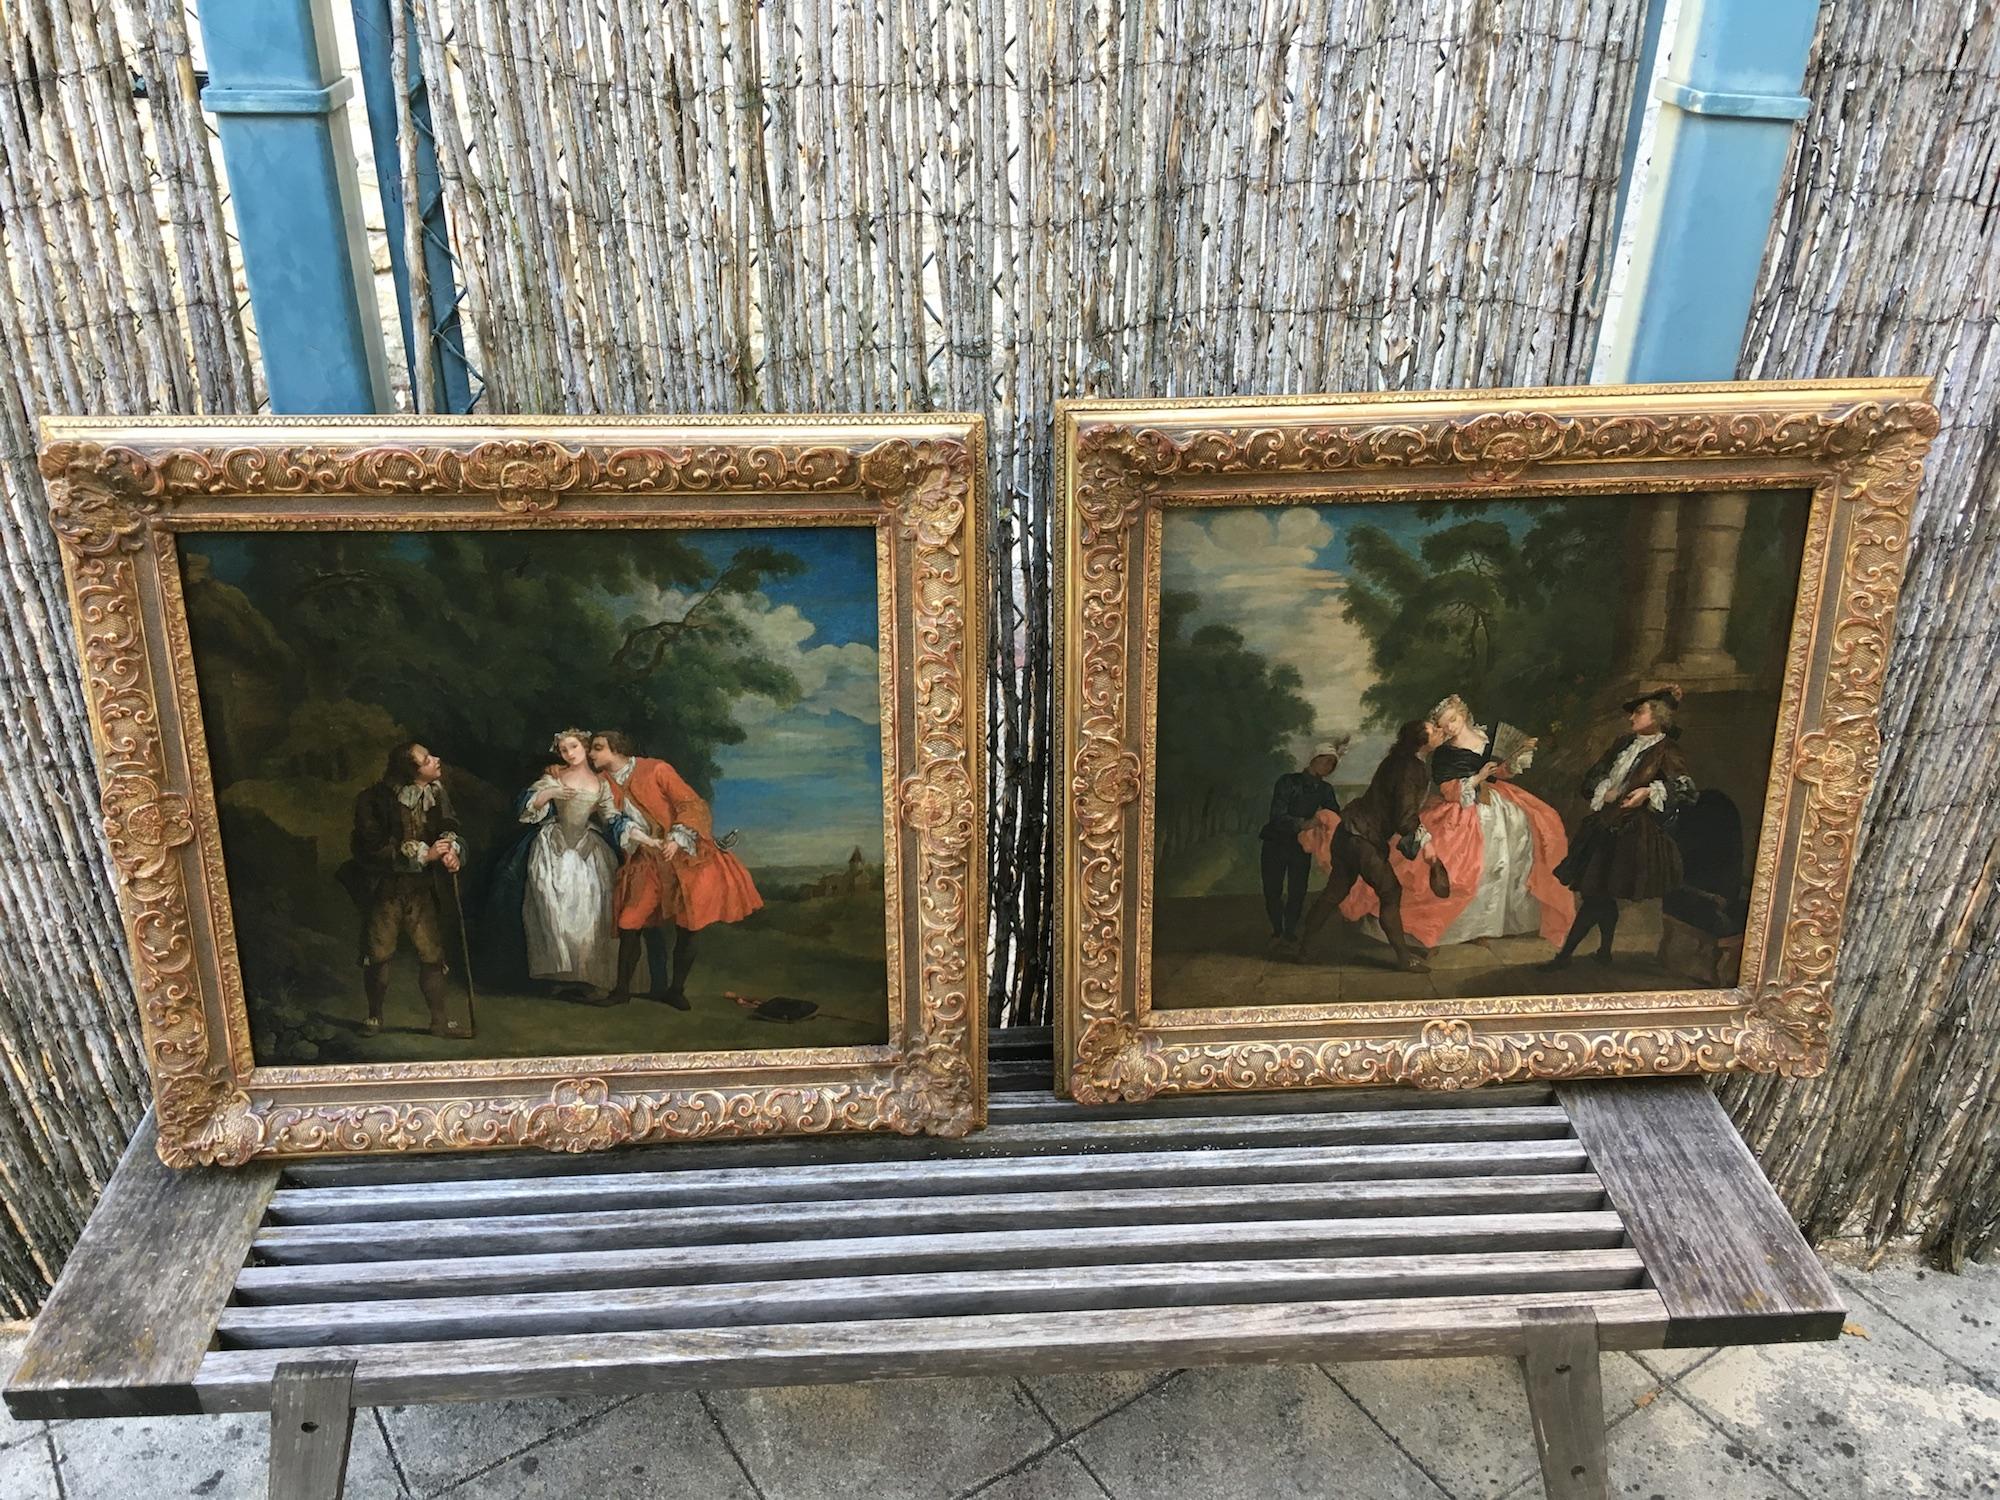 Paire d'huiles sur toile d'époque 18ème siècle